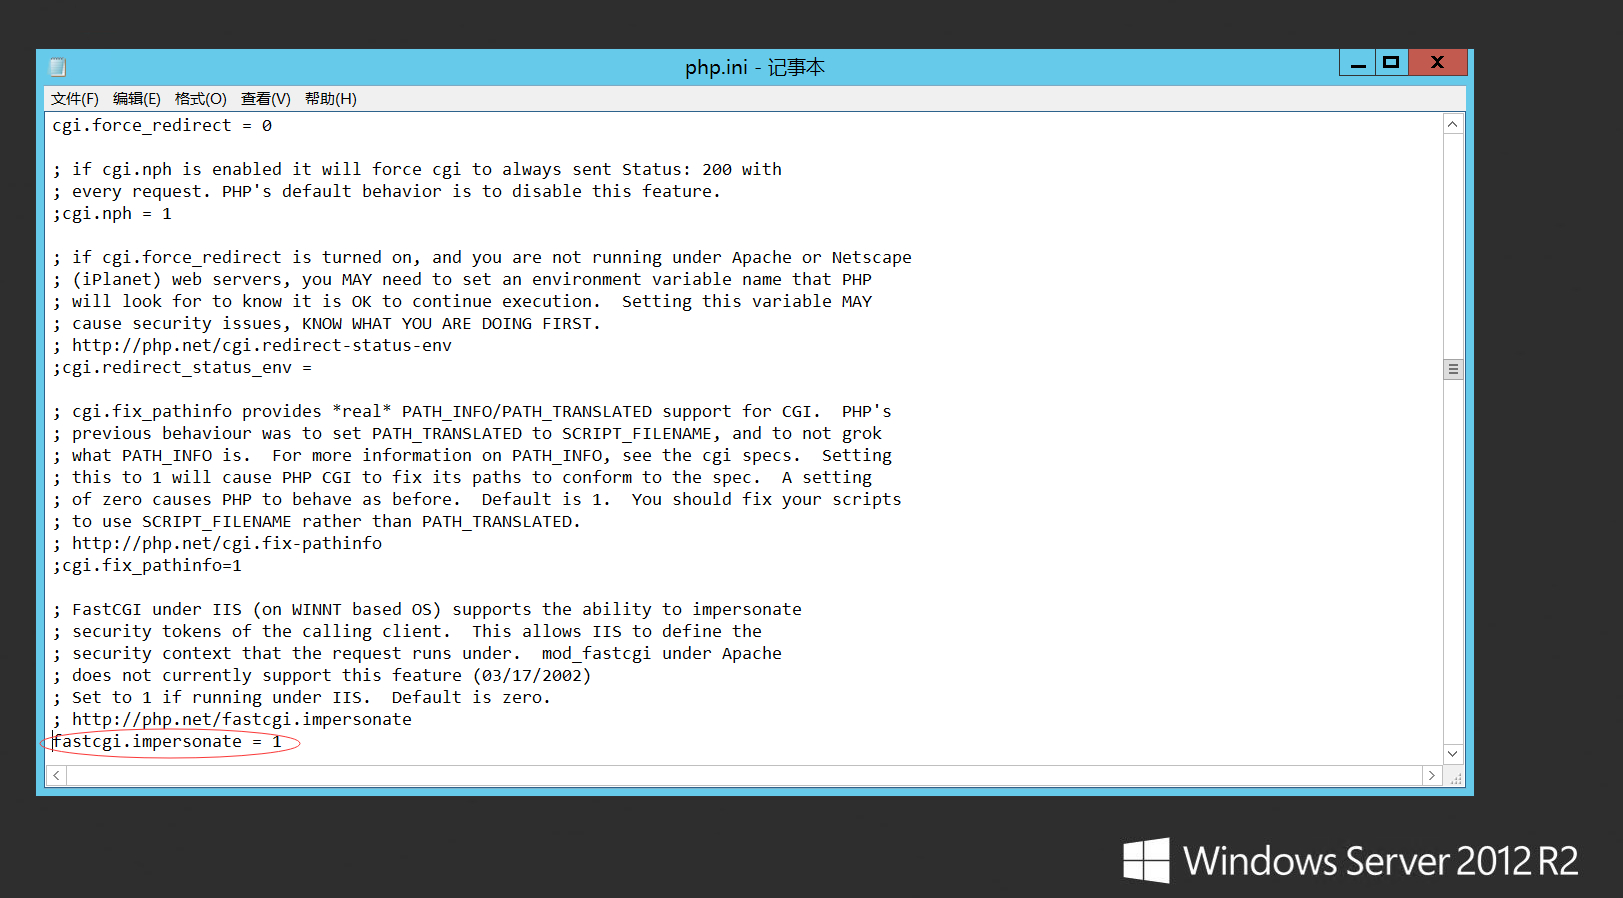 [经验分享] Windows Server 2012 配置指南 之 PHP环境搭建篇